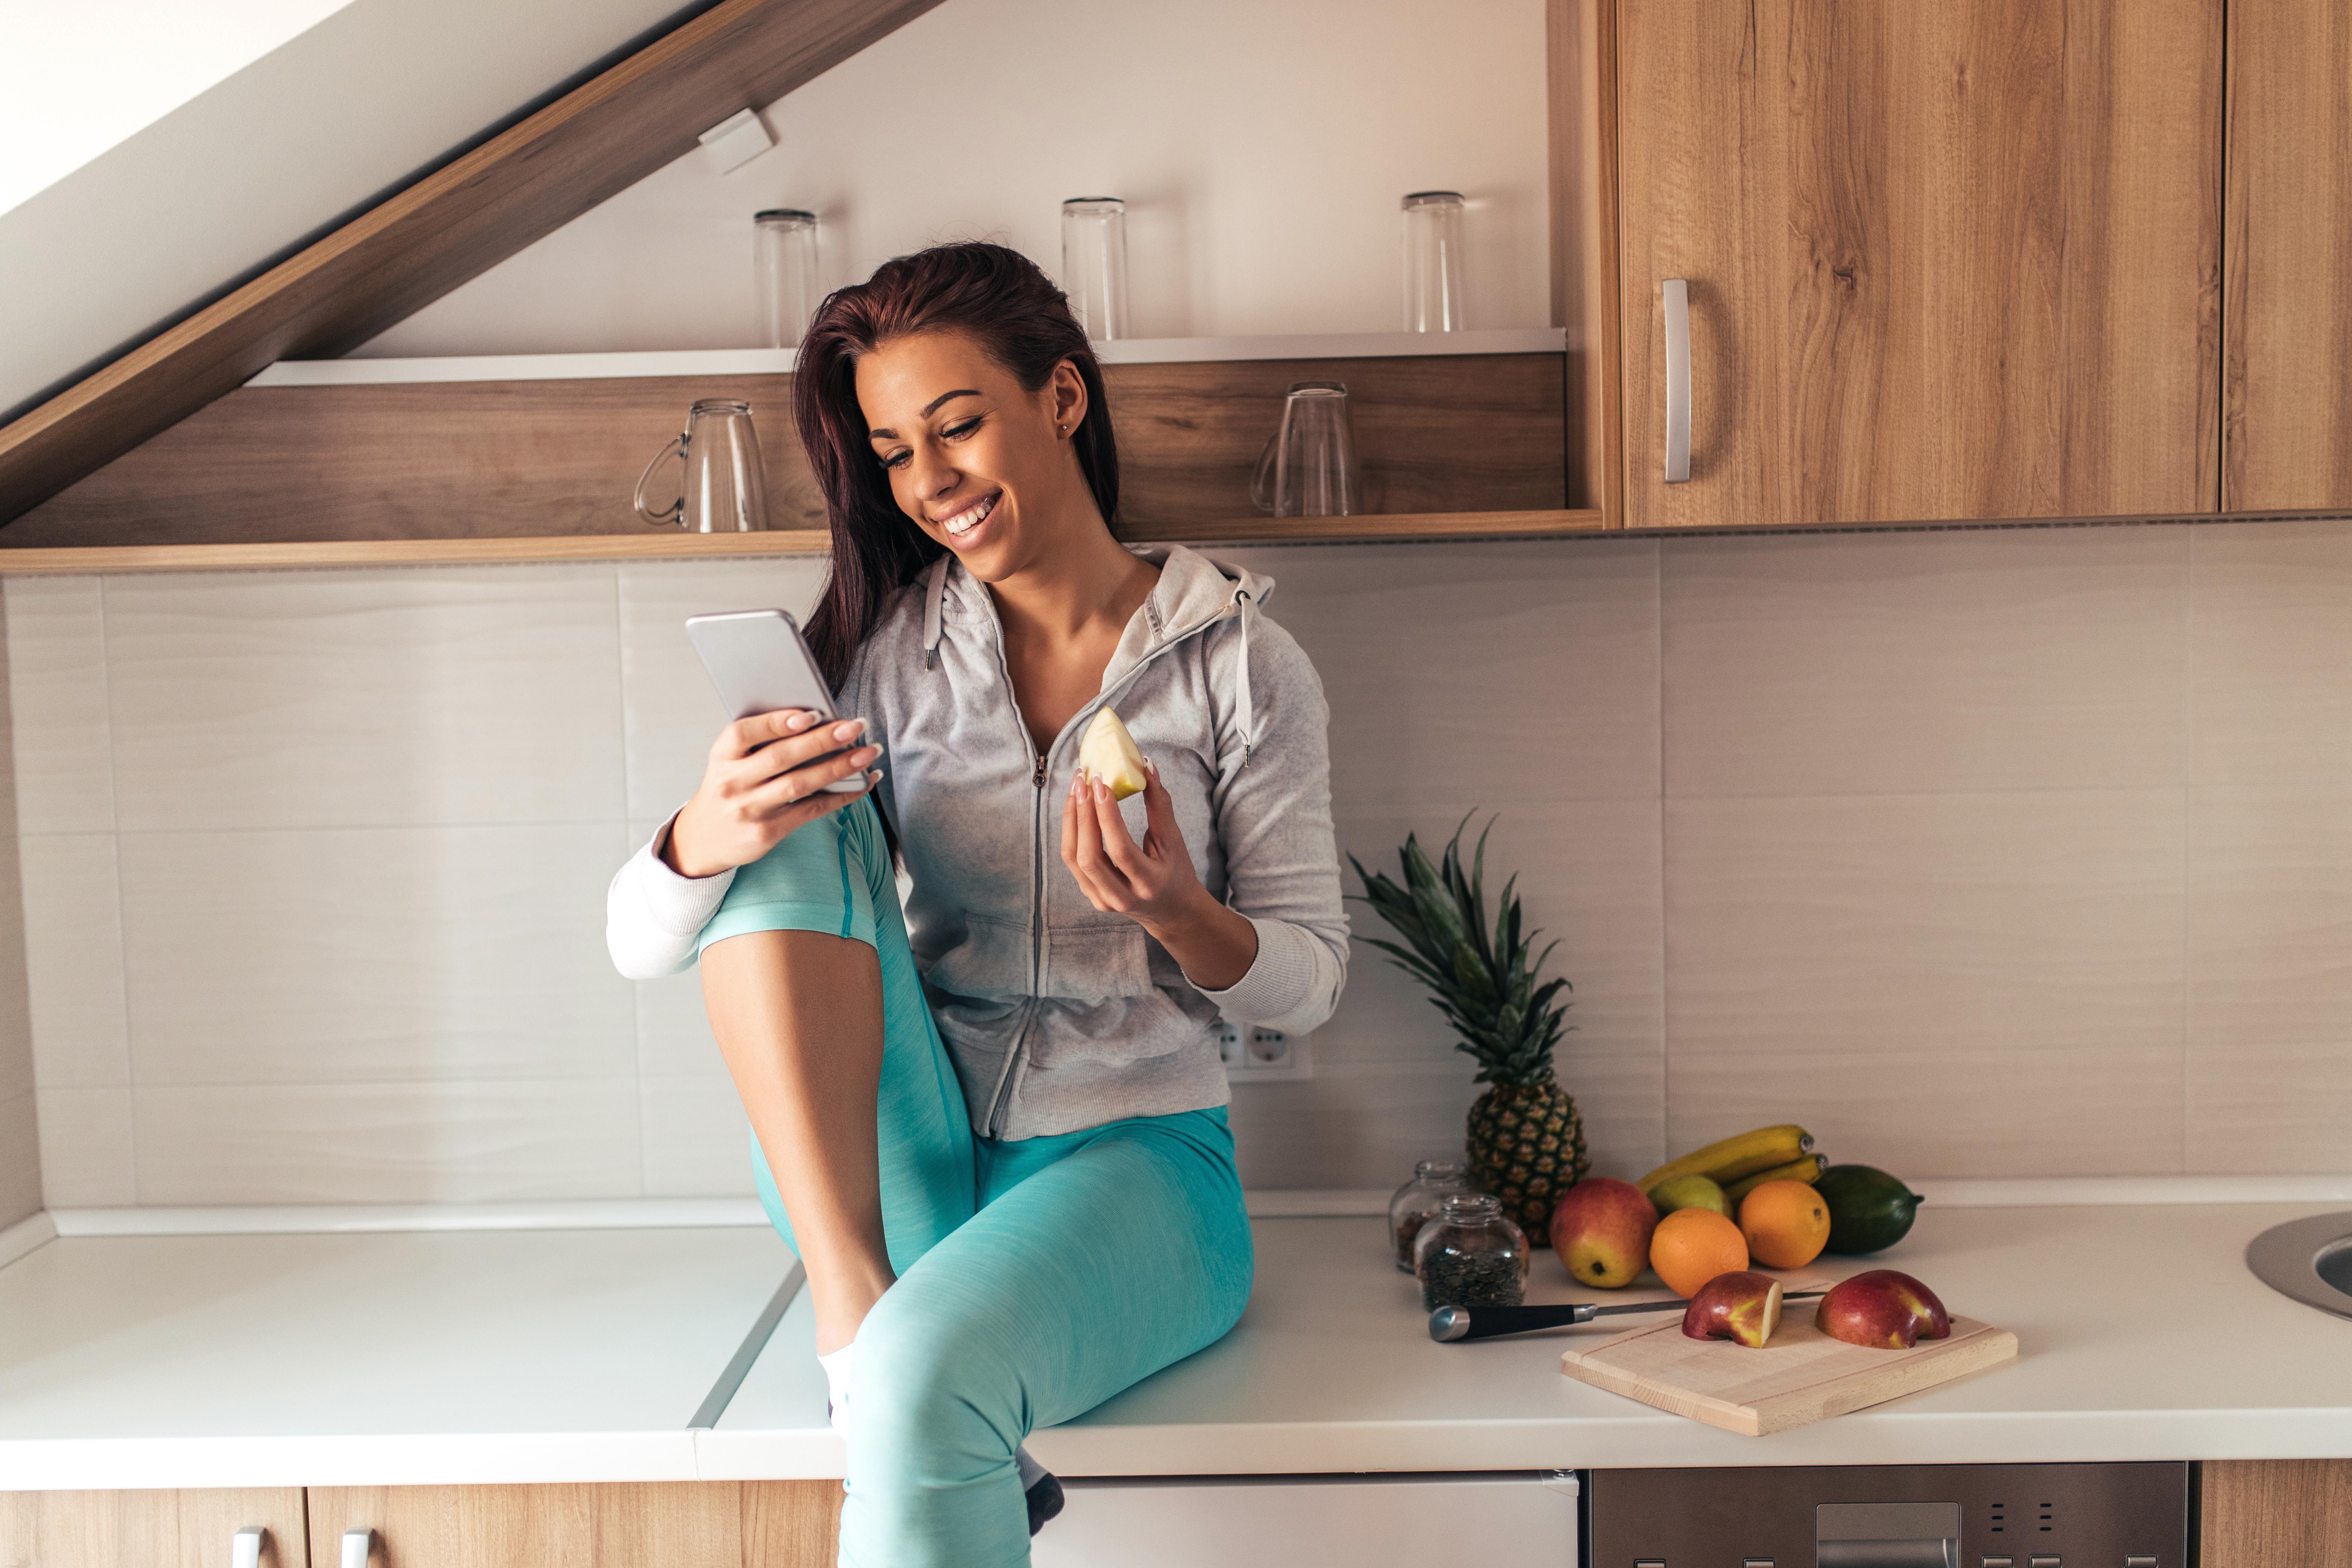 Zararlı yiyecekleri diyetinizden çıkarmanın 5 yolu #3